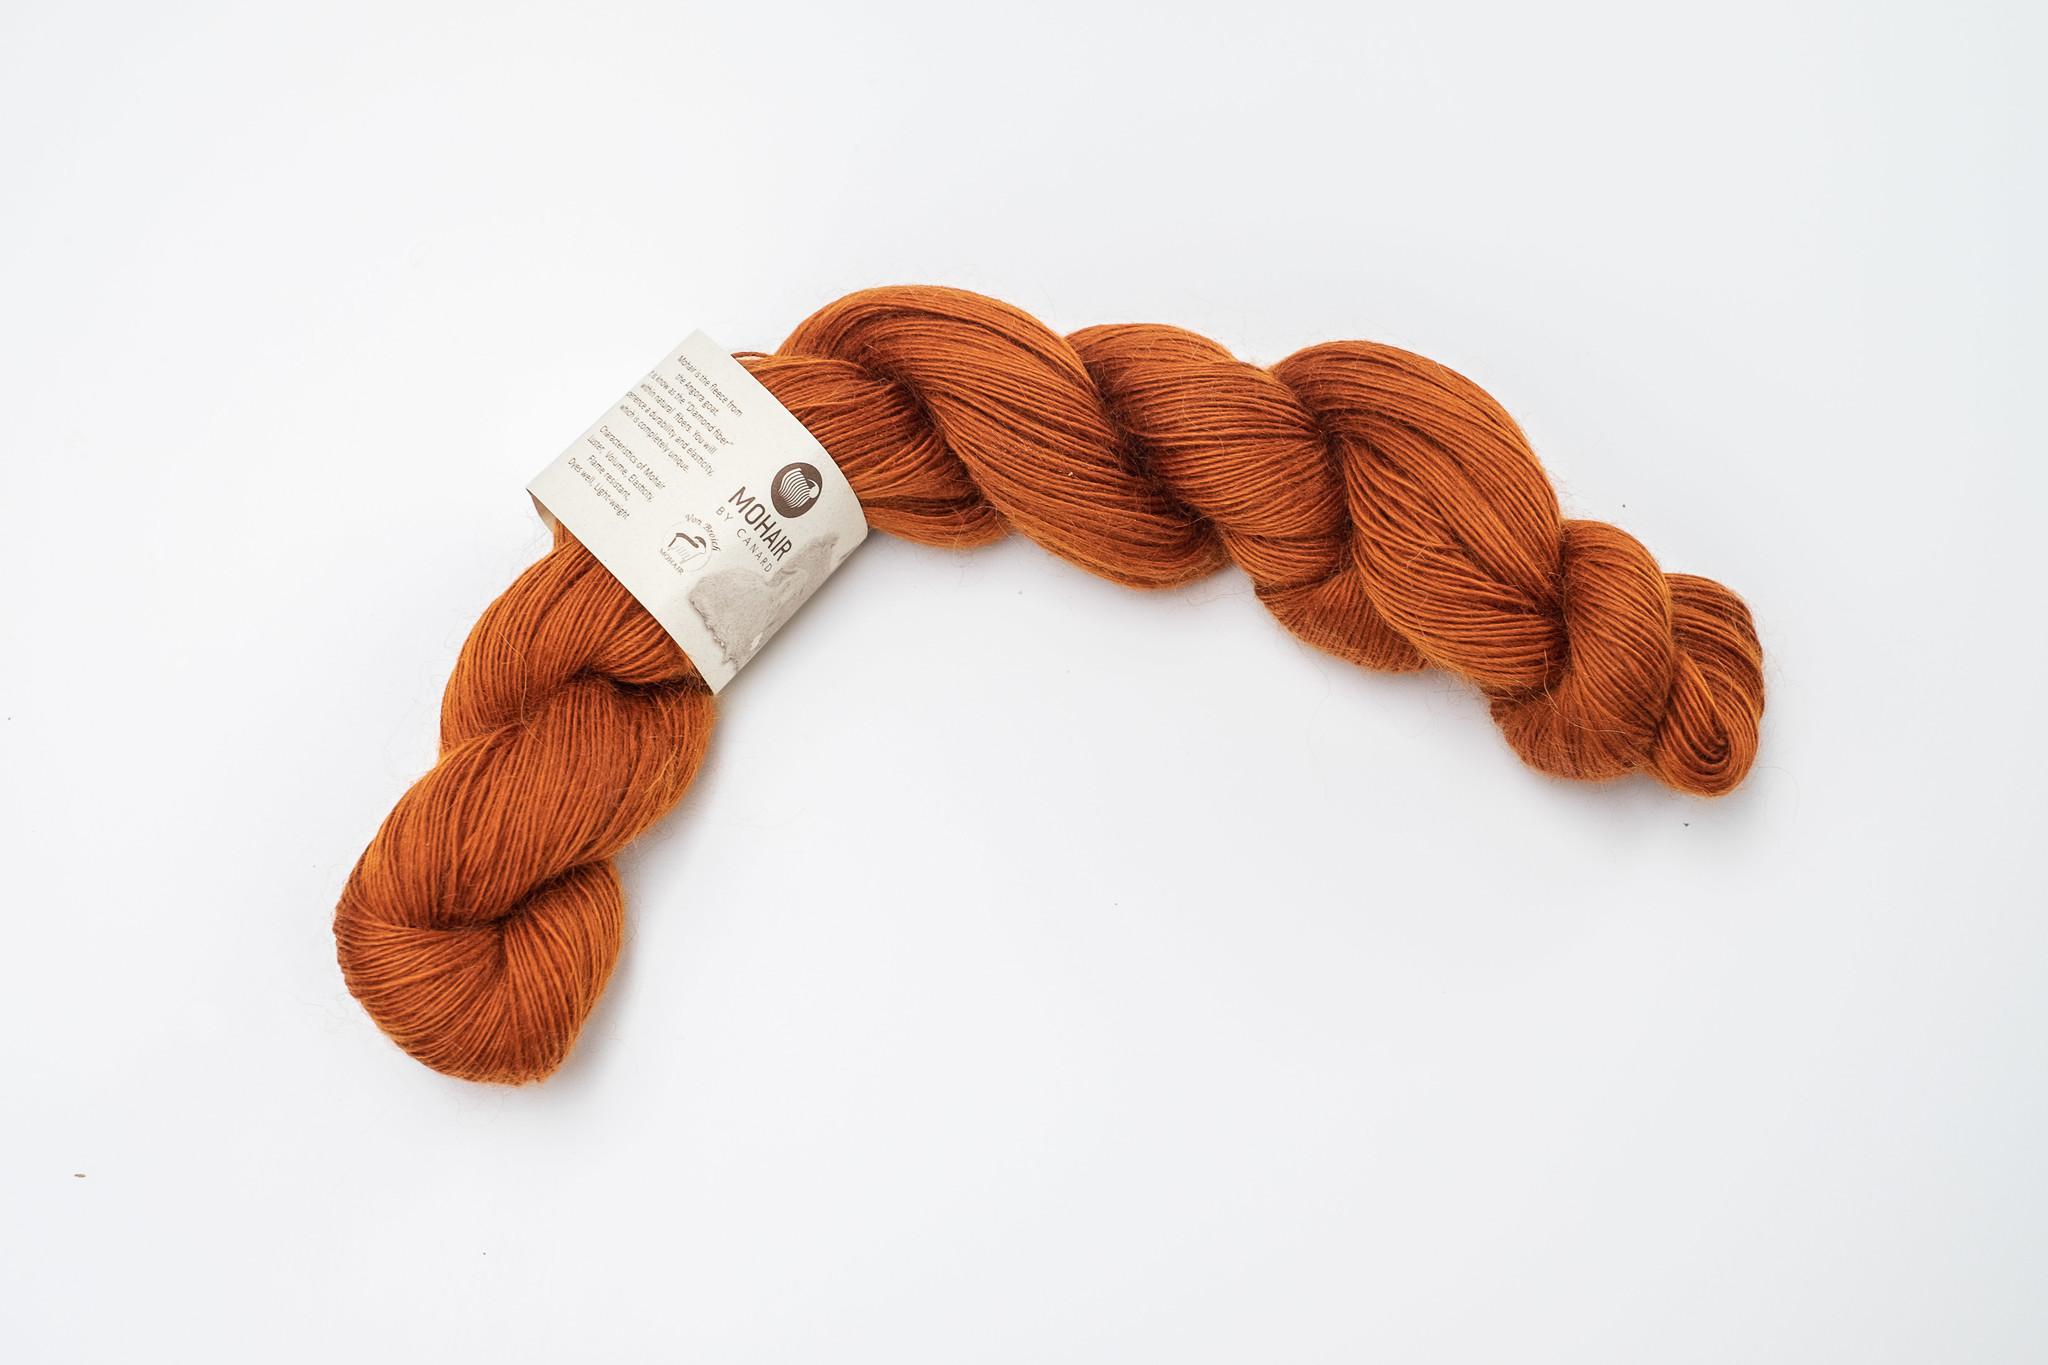 Mohair By Canard Mohair By Canard 1-Ply - Cognac